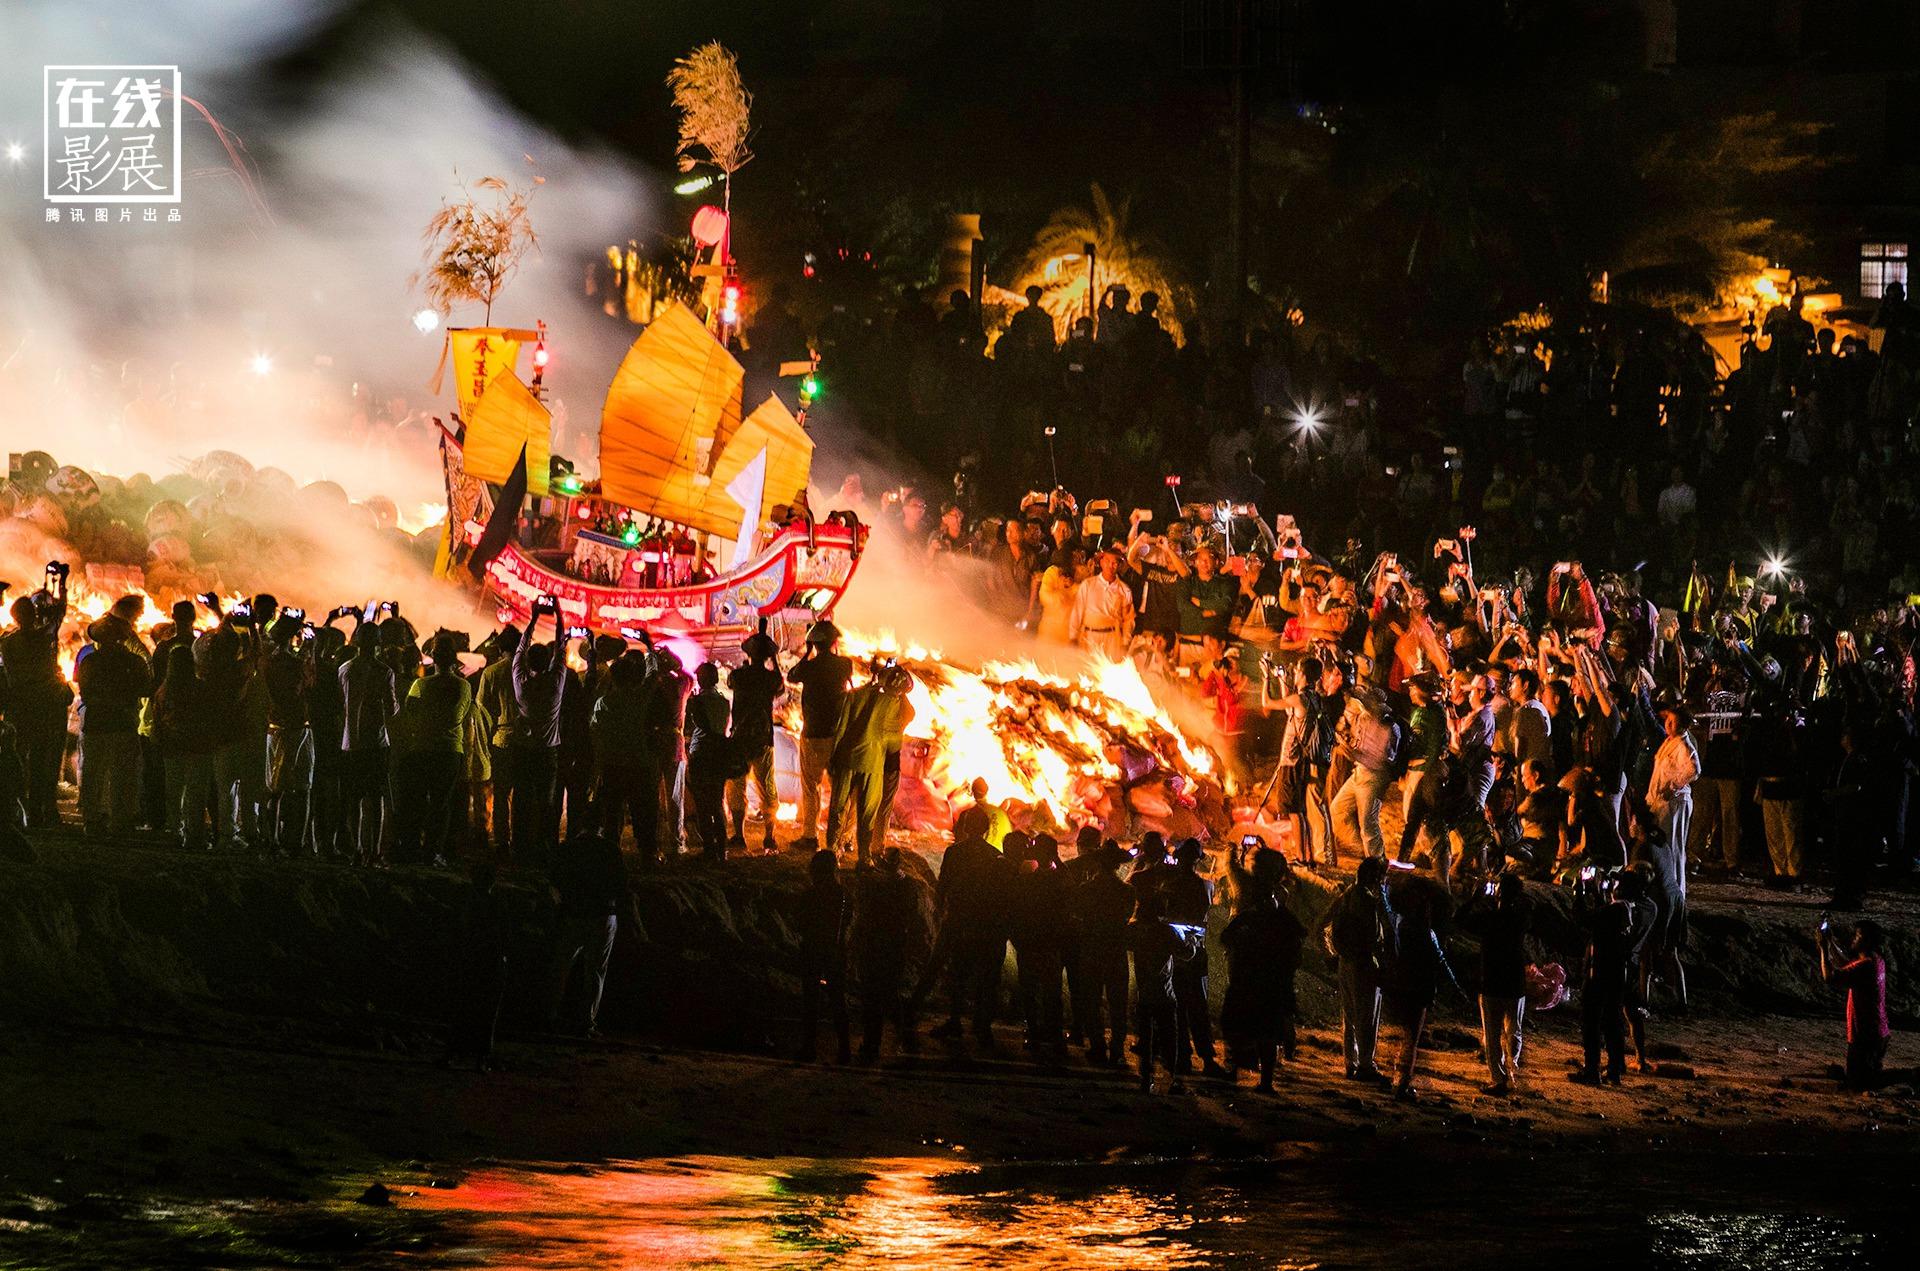 """台湾小琉球""""迎王祭""""2017.4.14 - fpdlgswmx - fpdlgswmx的博客"""